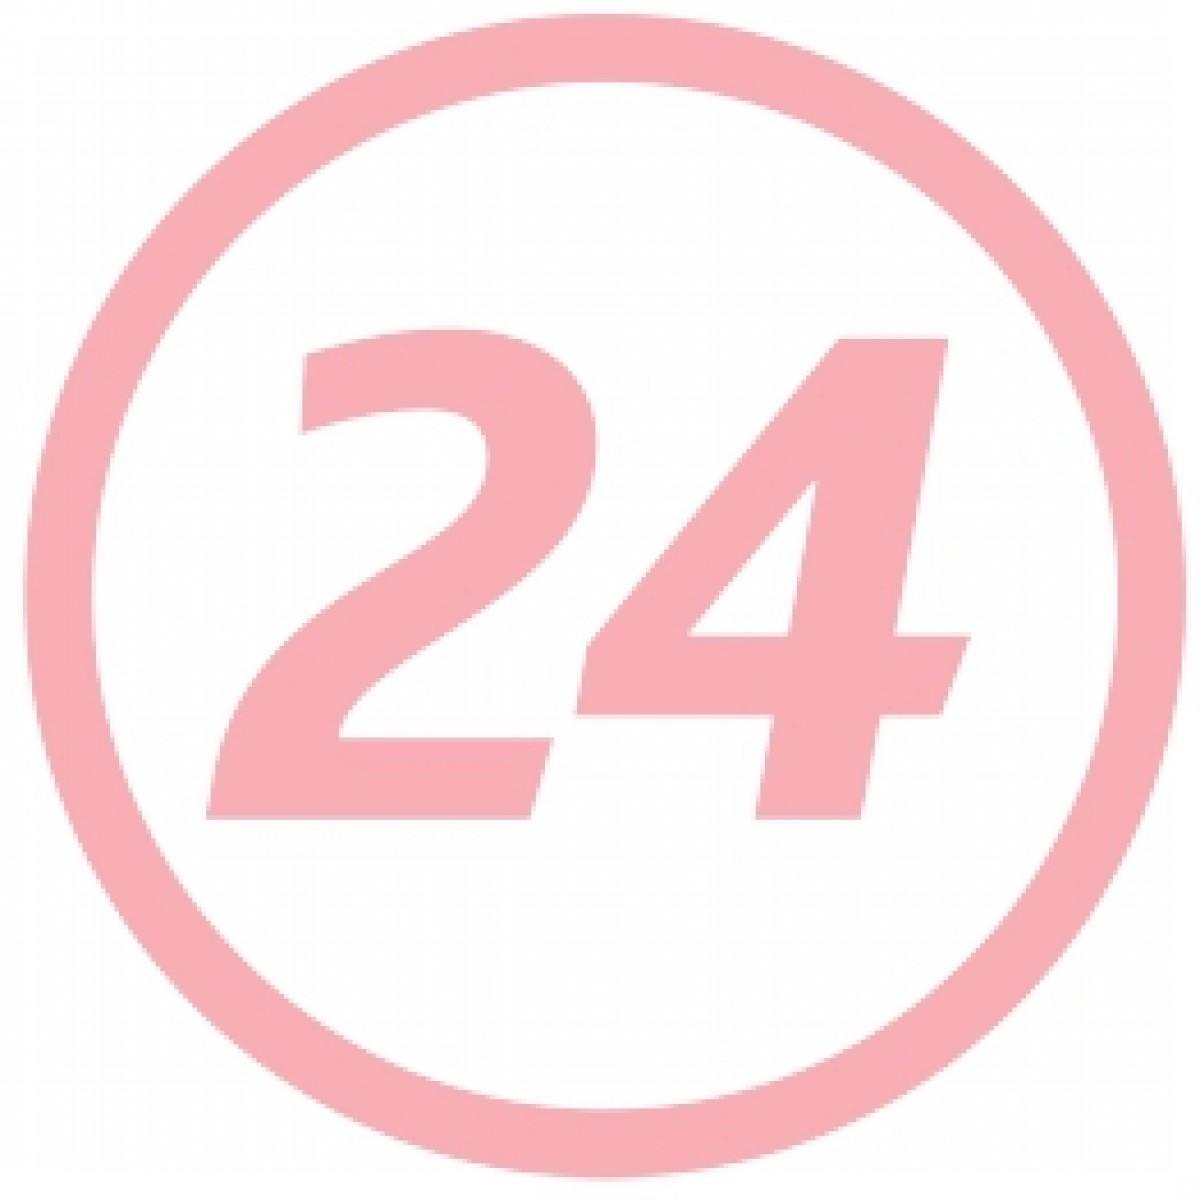 Secom Melatonin 3mg Tablete Cu Eliberare Prelungita, Tablete, 30buc